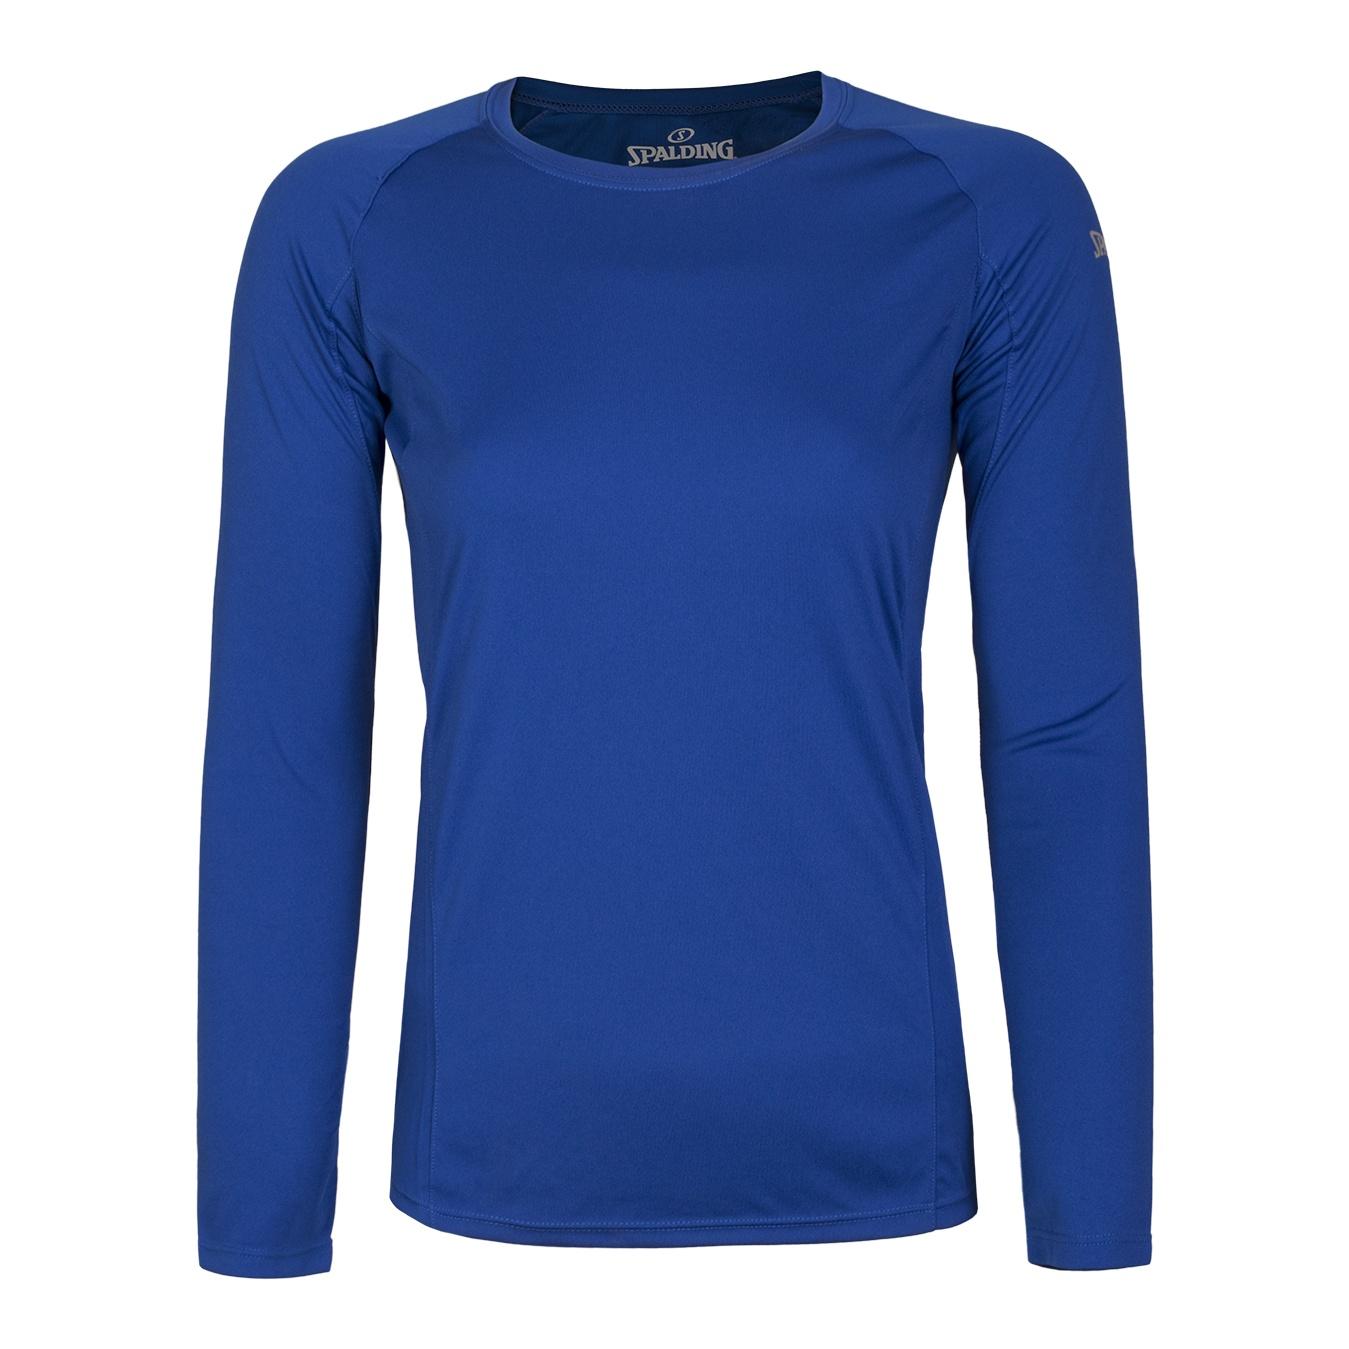 تصویر مدل های تی شرت آستین کوتاه زنانه ورزشی پریما مدل sd16060